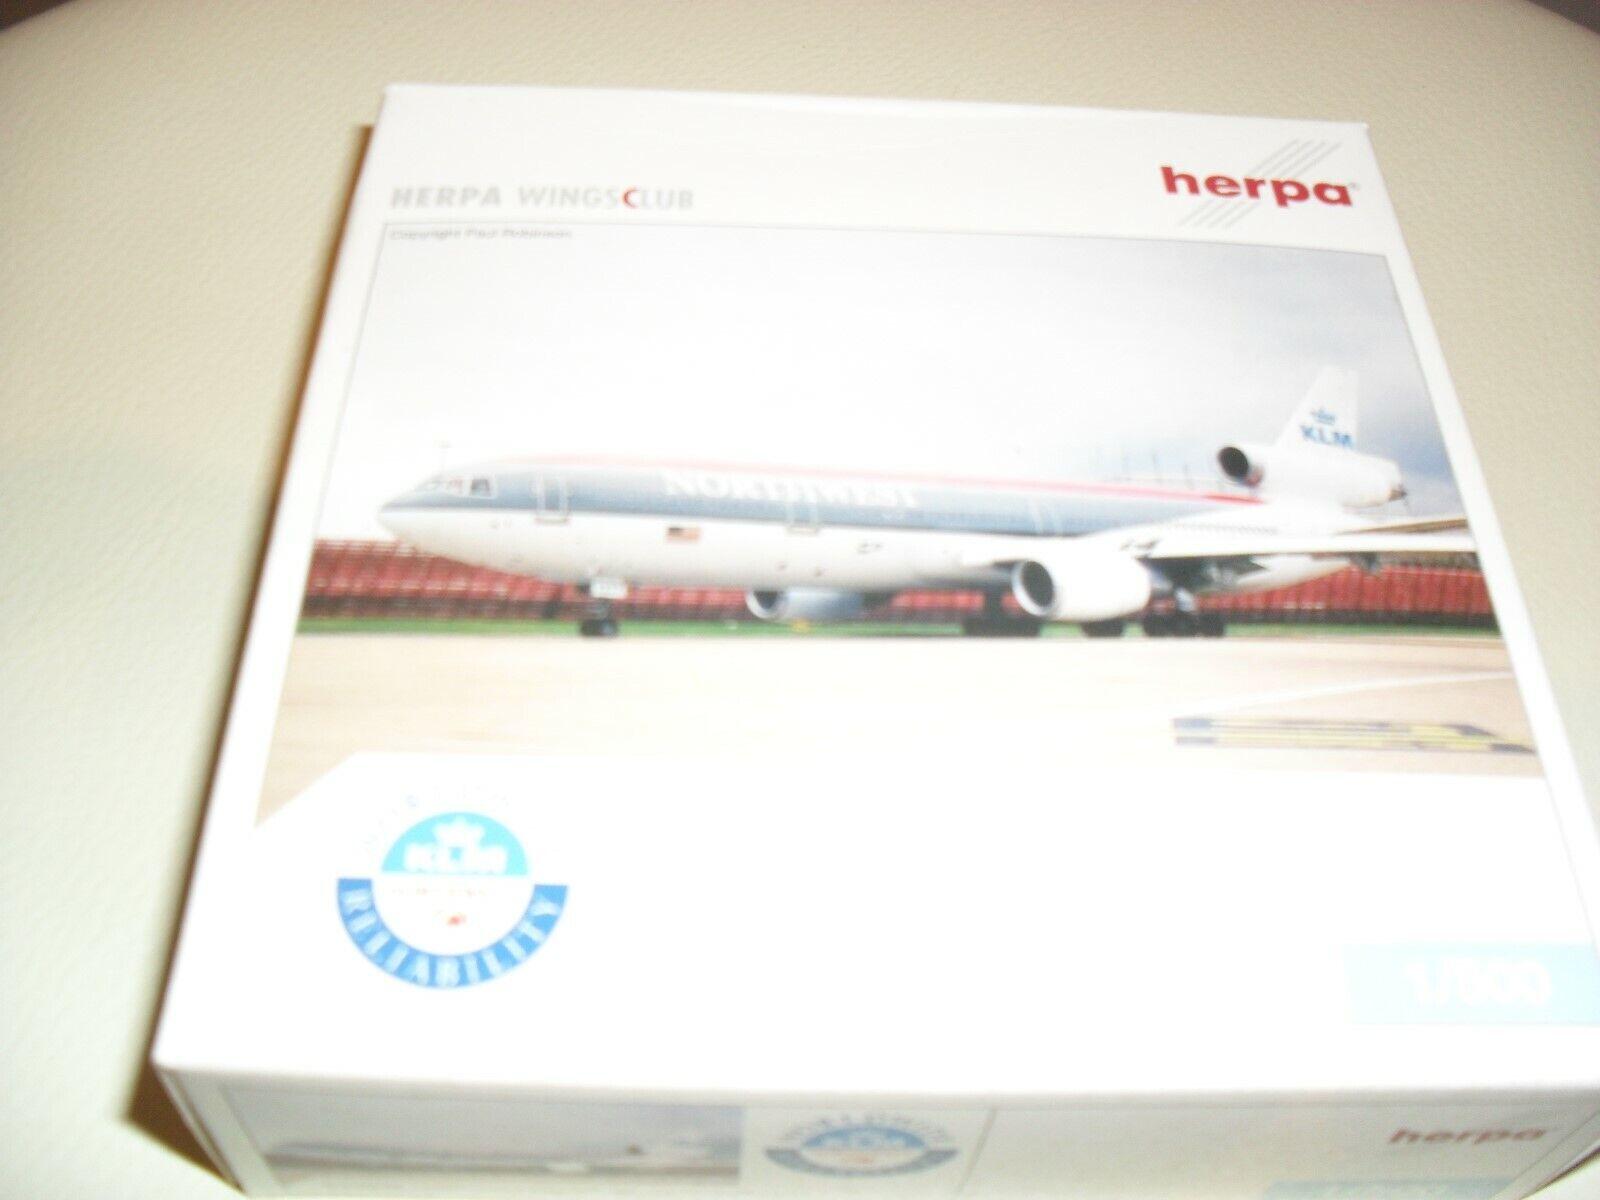 Herpa Wings Club - Douglas DC10-30 - Northwest KLM -1 500 Scale